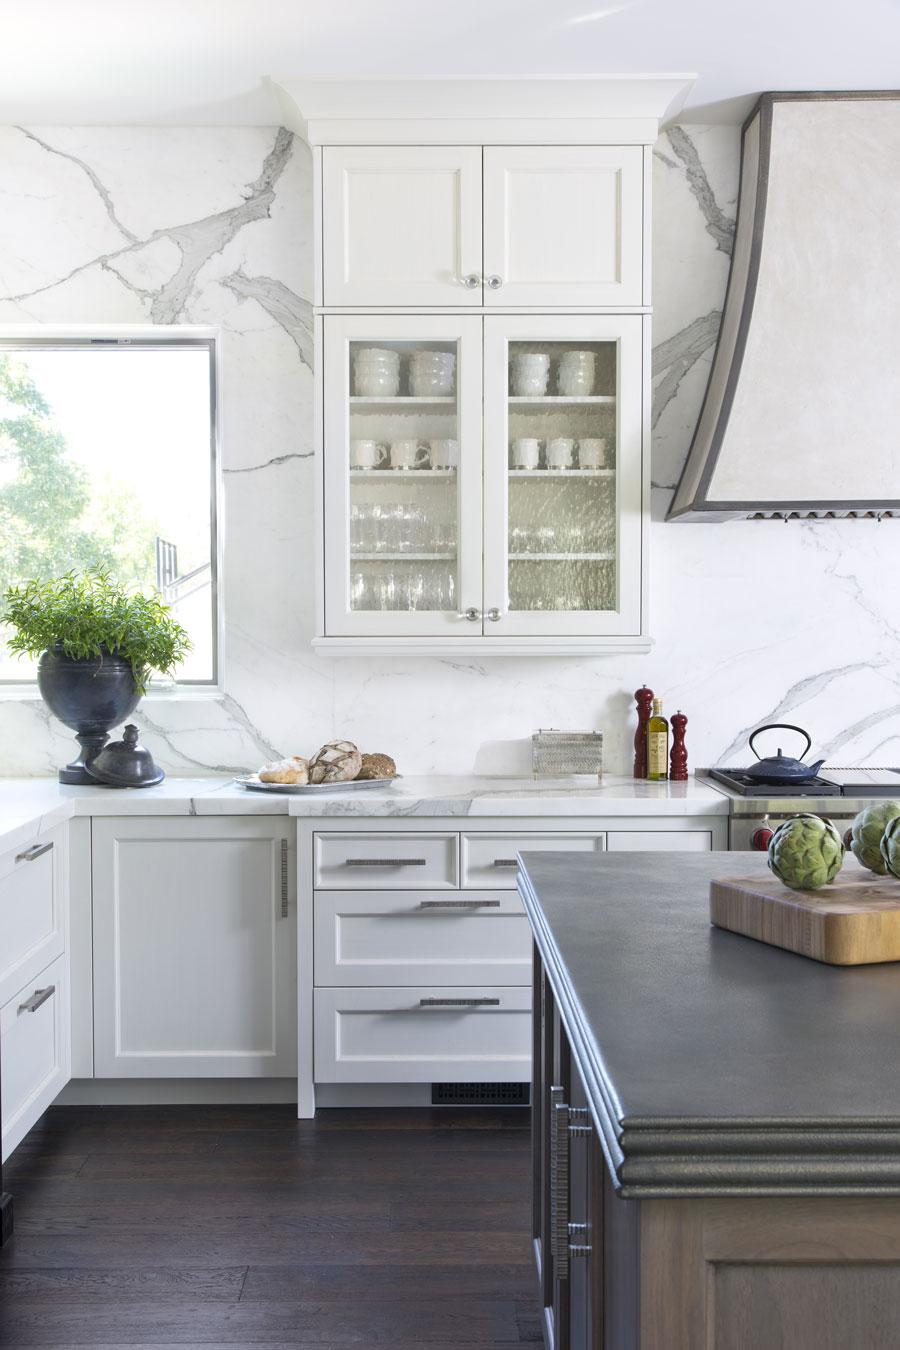 A Home With A Statement Exquisite Kitchen Design Portfolio